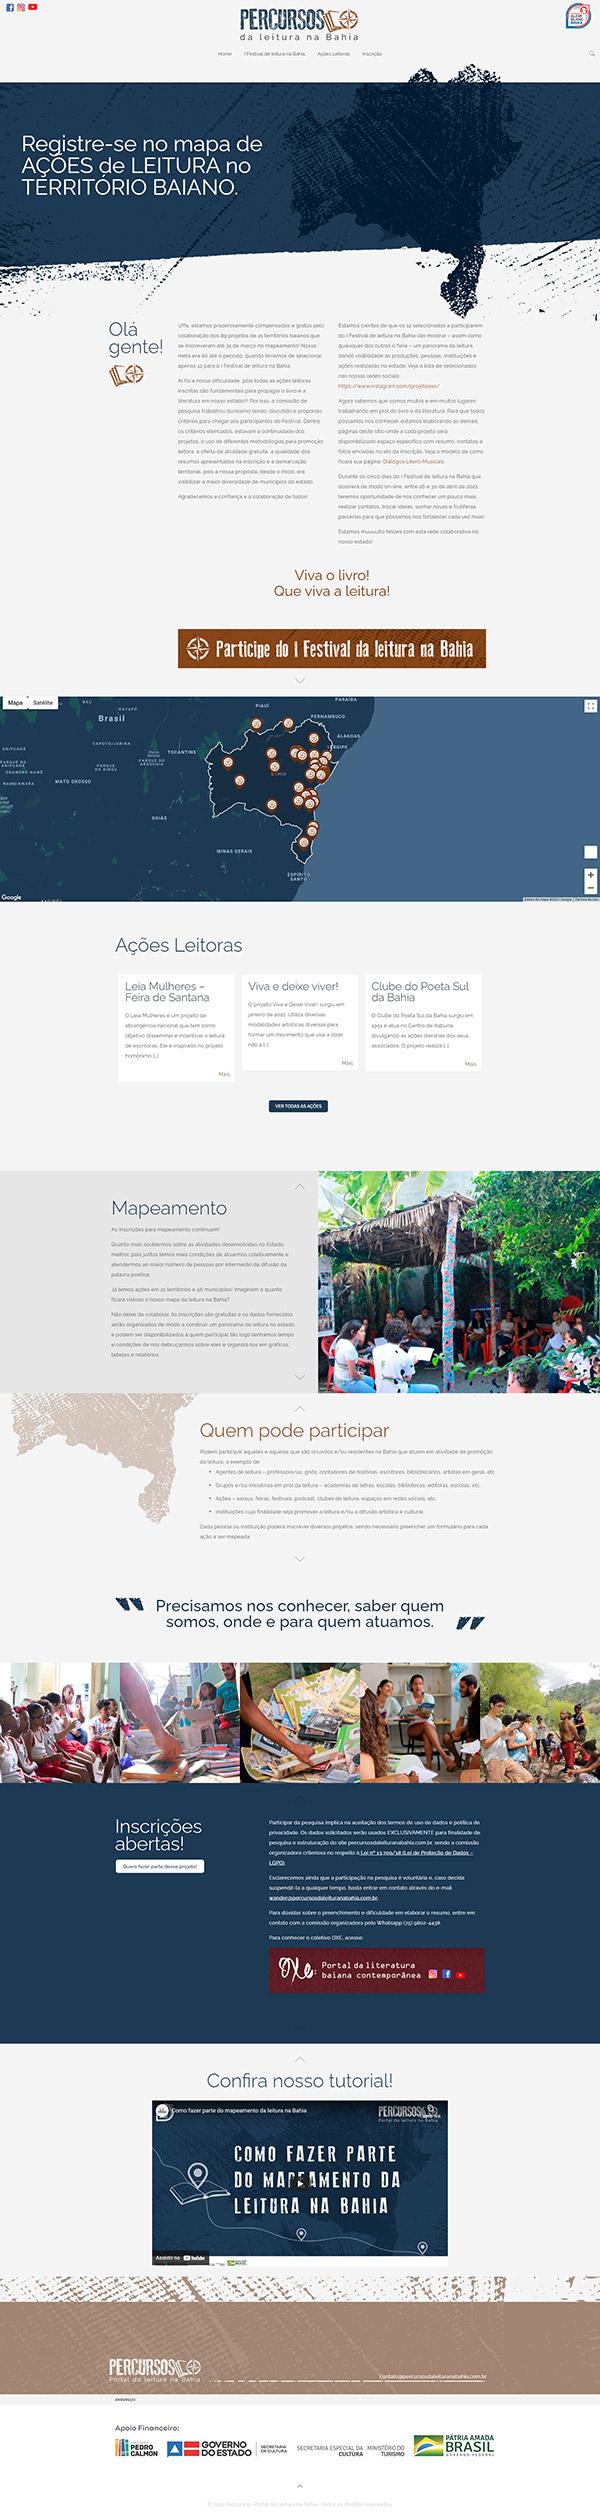 Percursos-site2